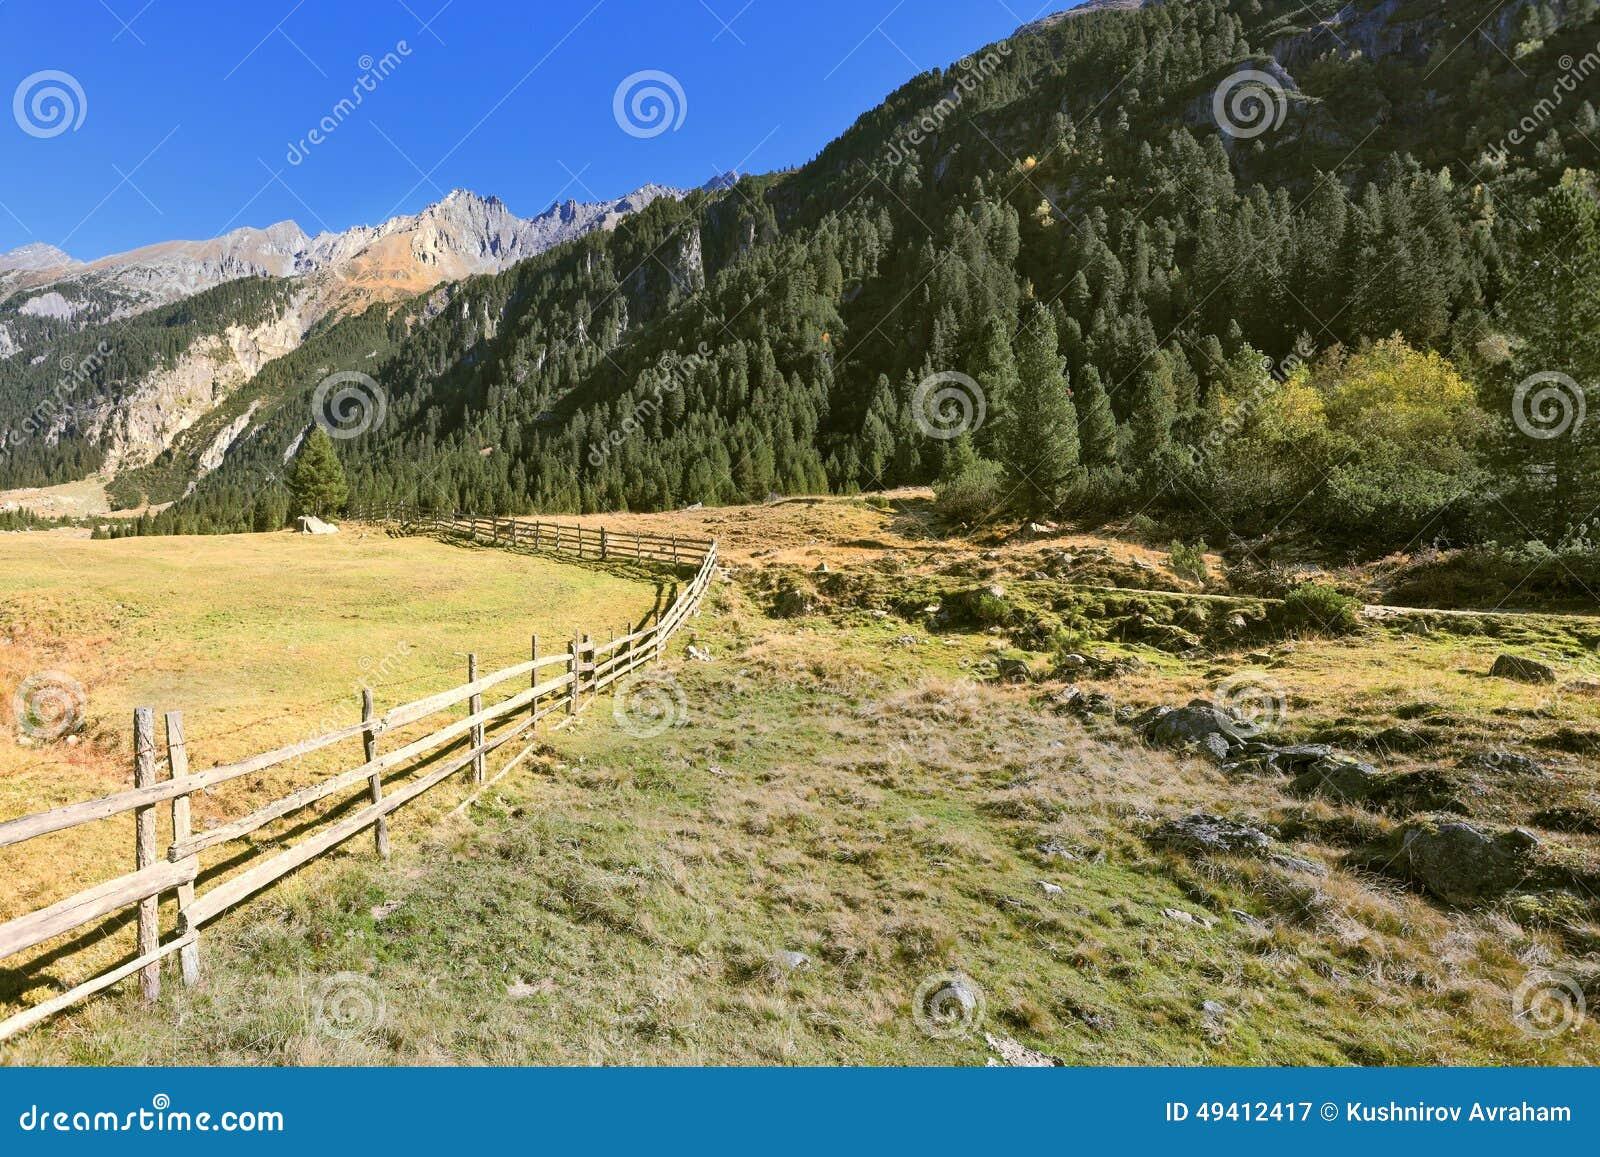 Download Alpines Tal in Österreich stockbild. Bild von zaun, schönheit - 49412417